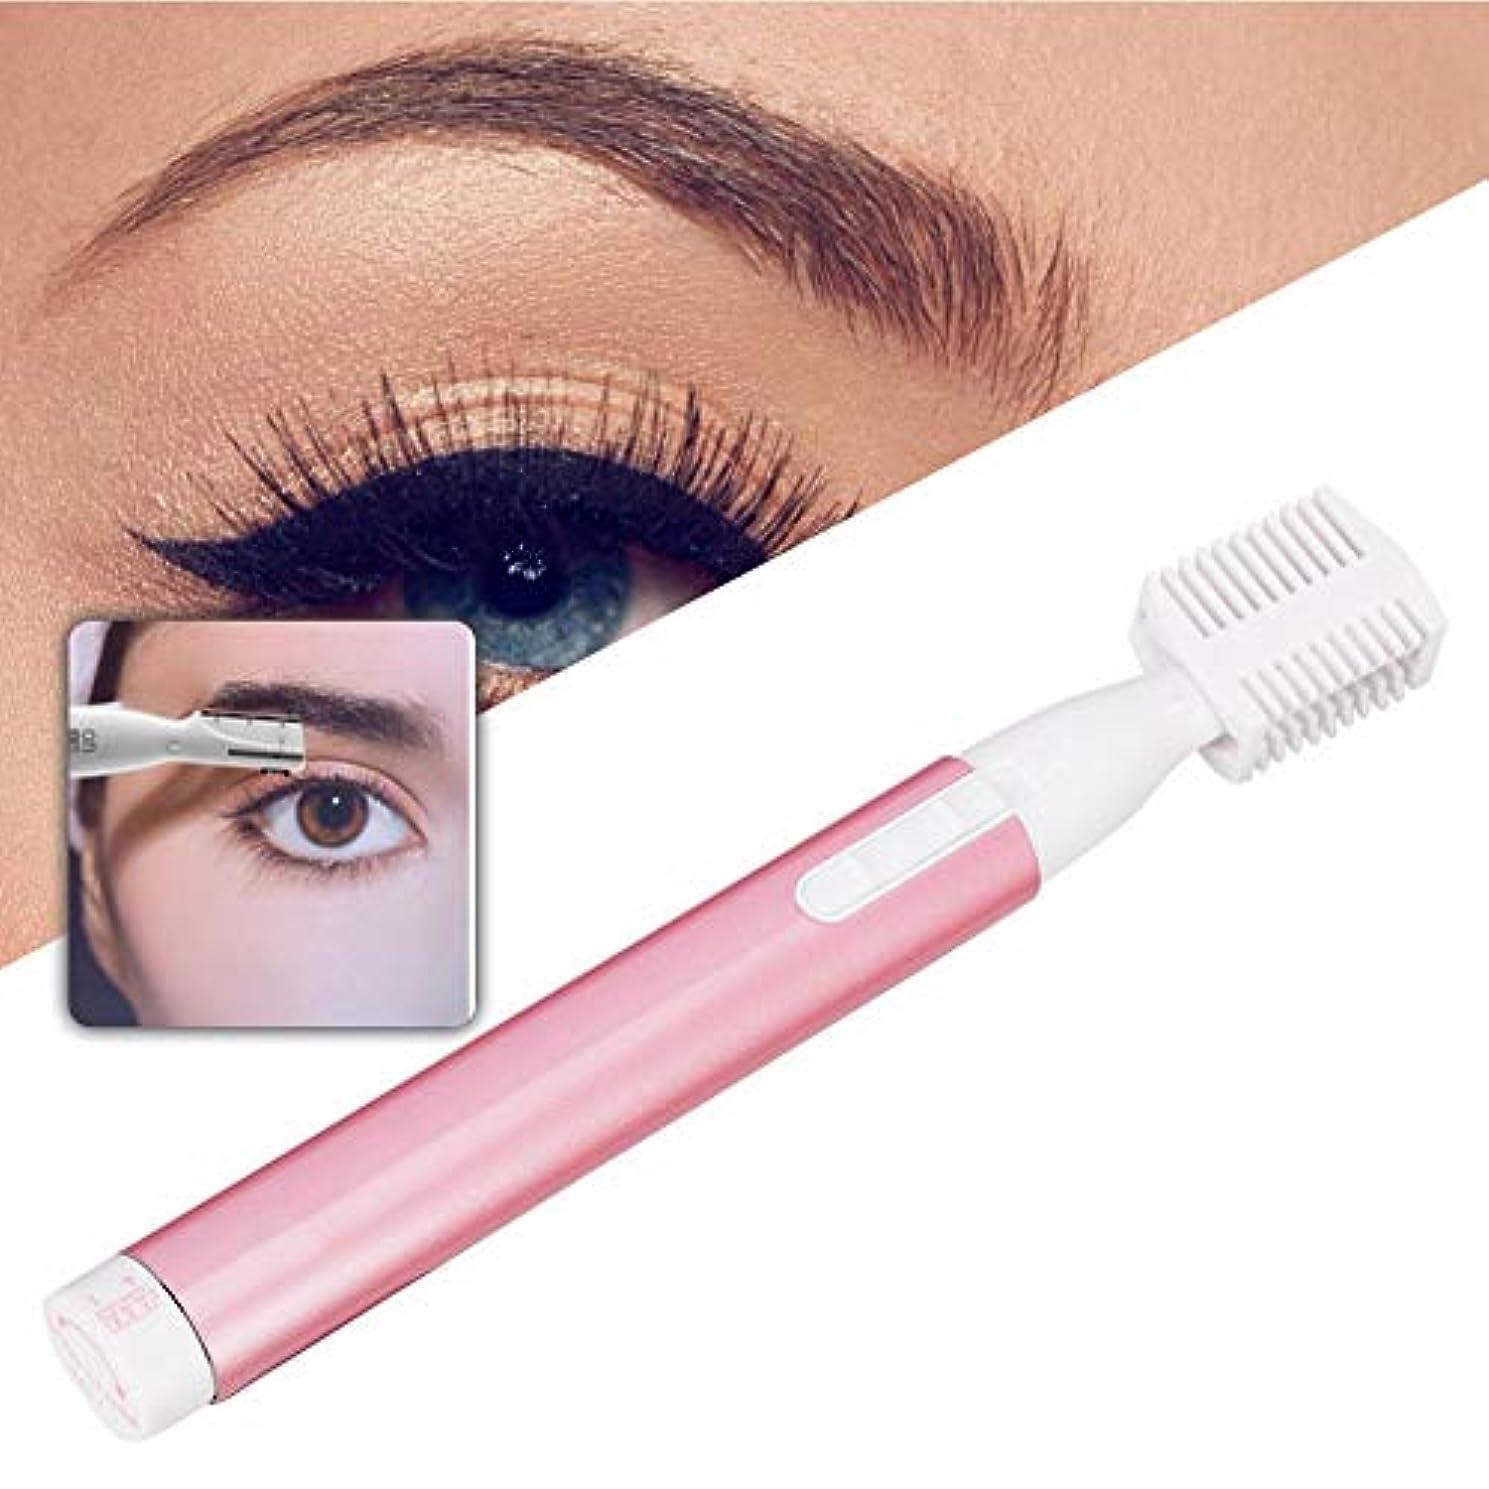 マダム瞑想的仕える女性 顔の毛の除去剤 携帯用 電気顔 毛の除去剤 眉毛のトリマーシェーバー用具